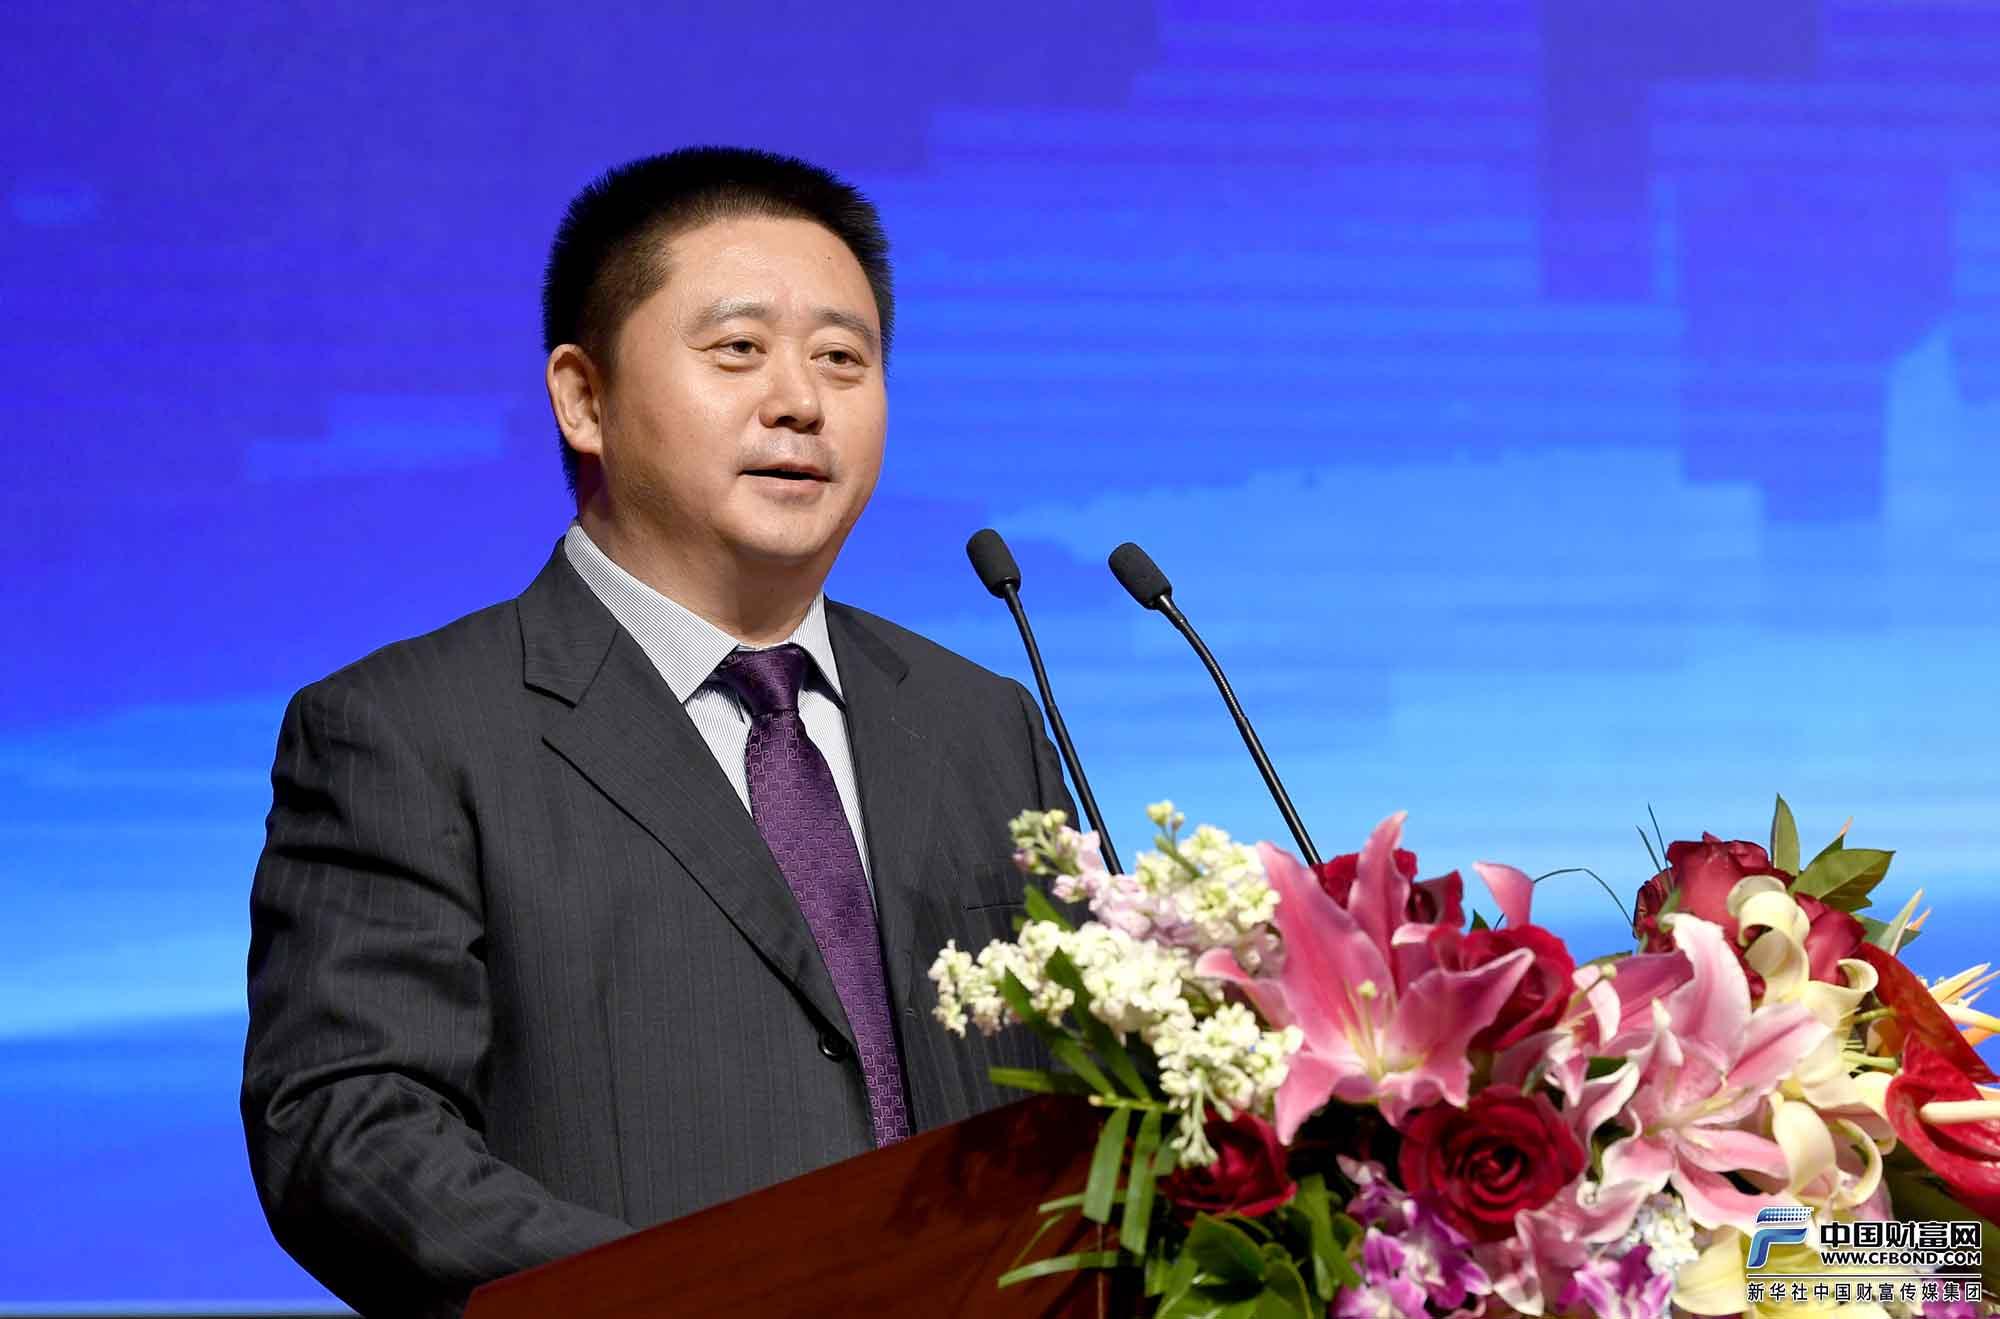 国家农业信贷担保联盟有限责任公司董事长张洪武发表演讲